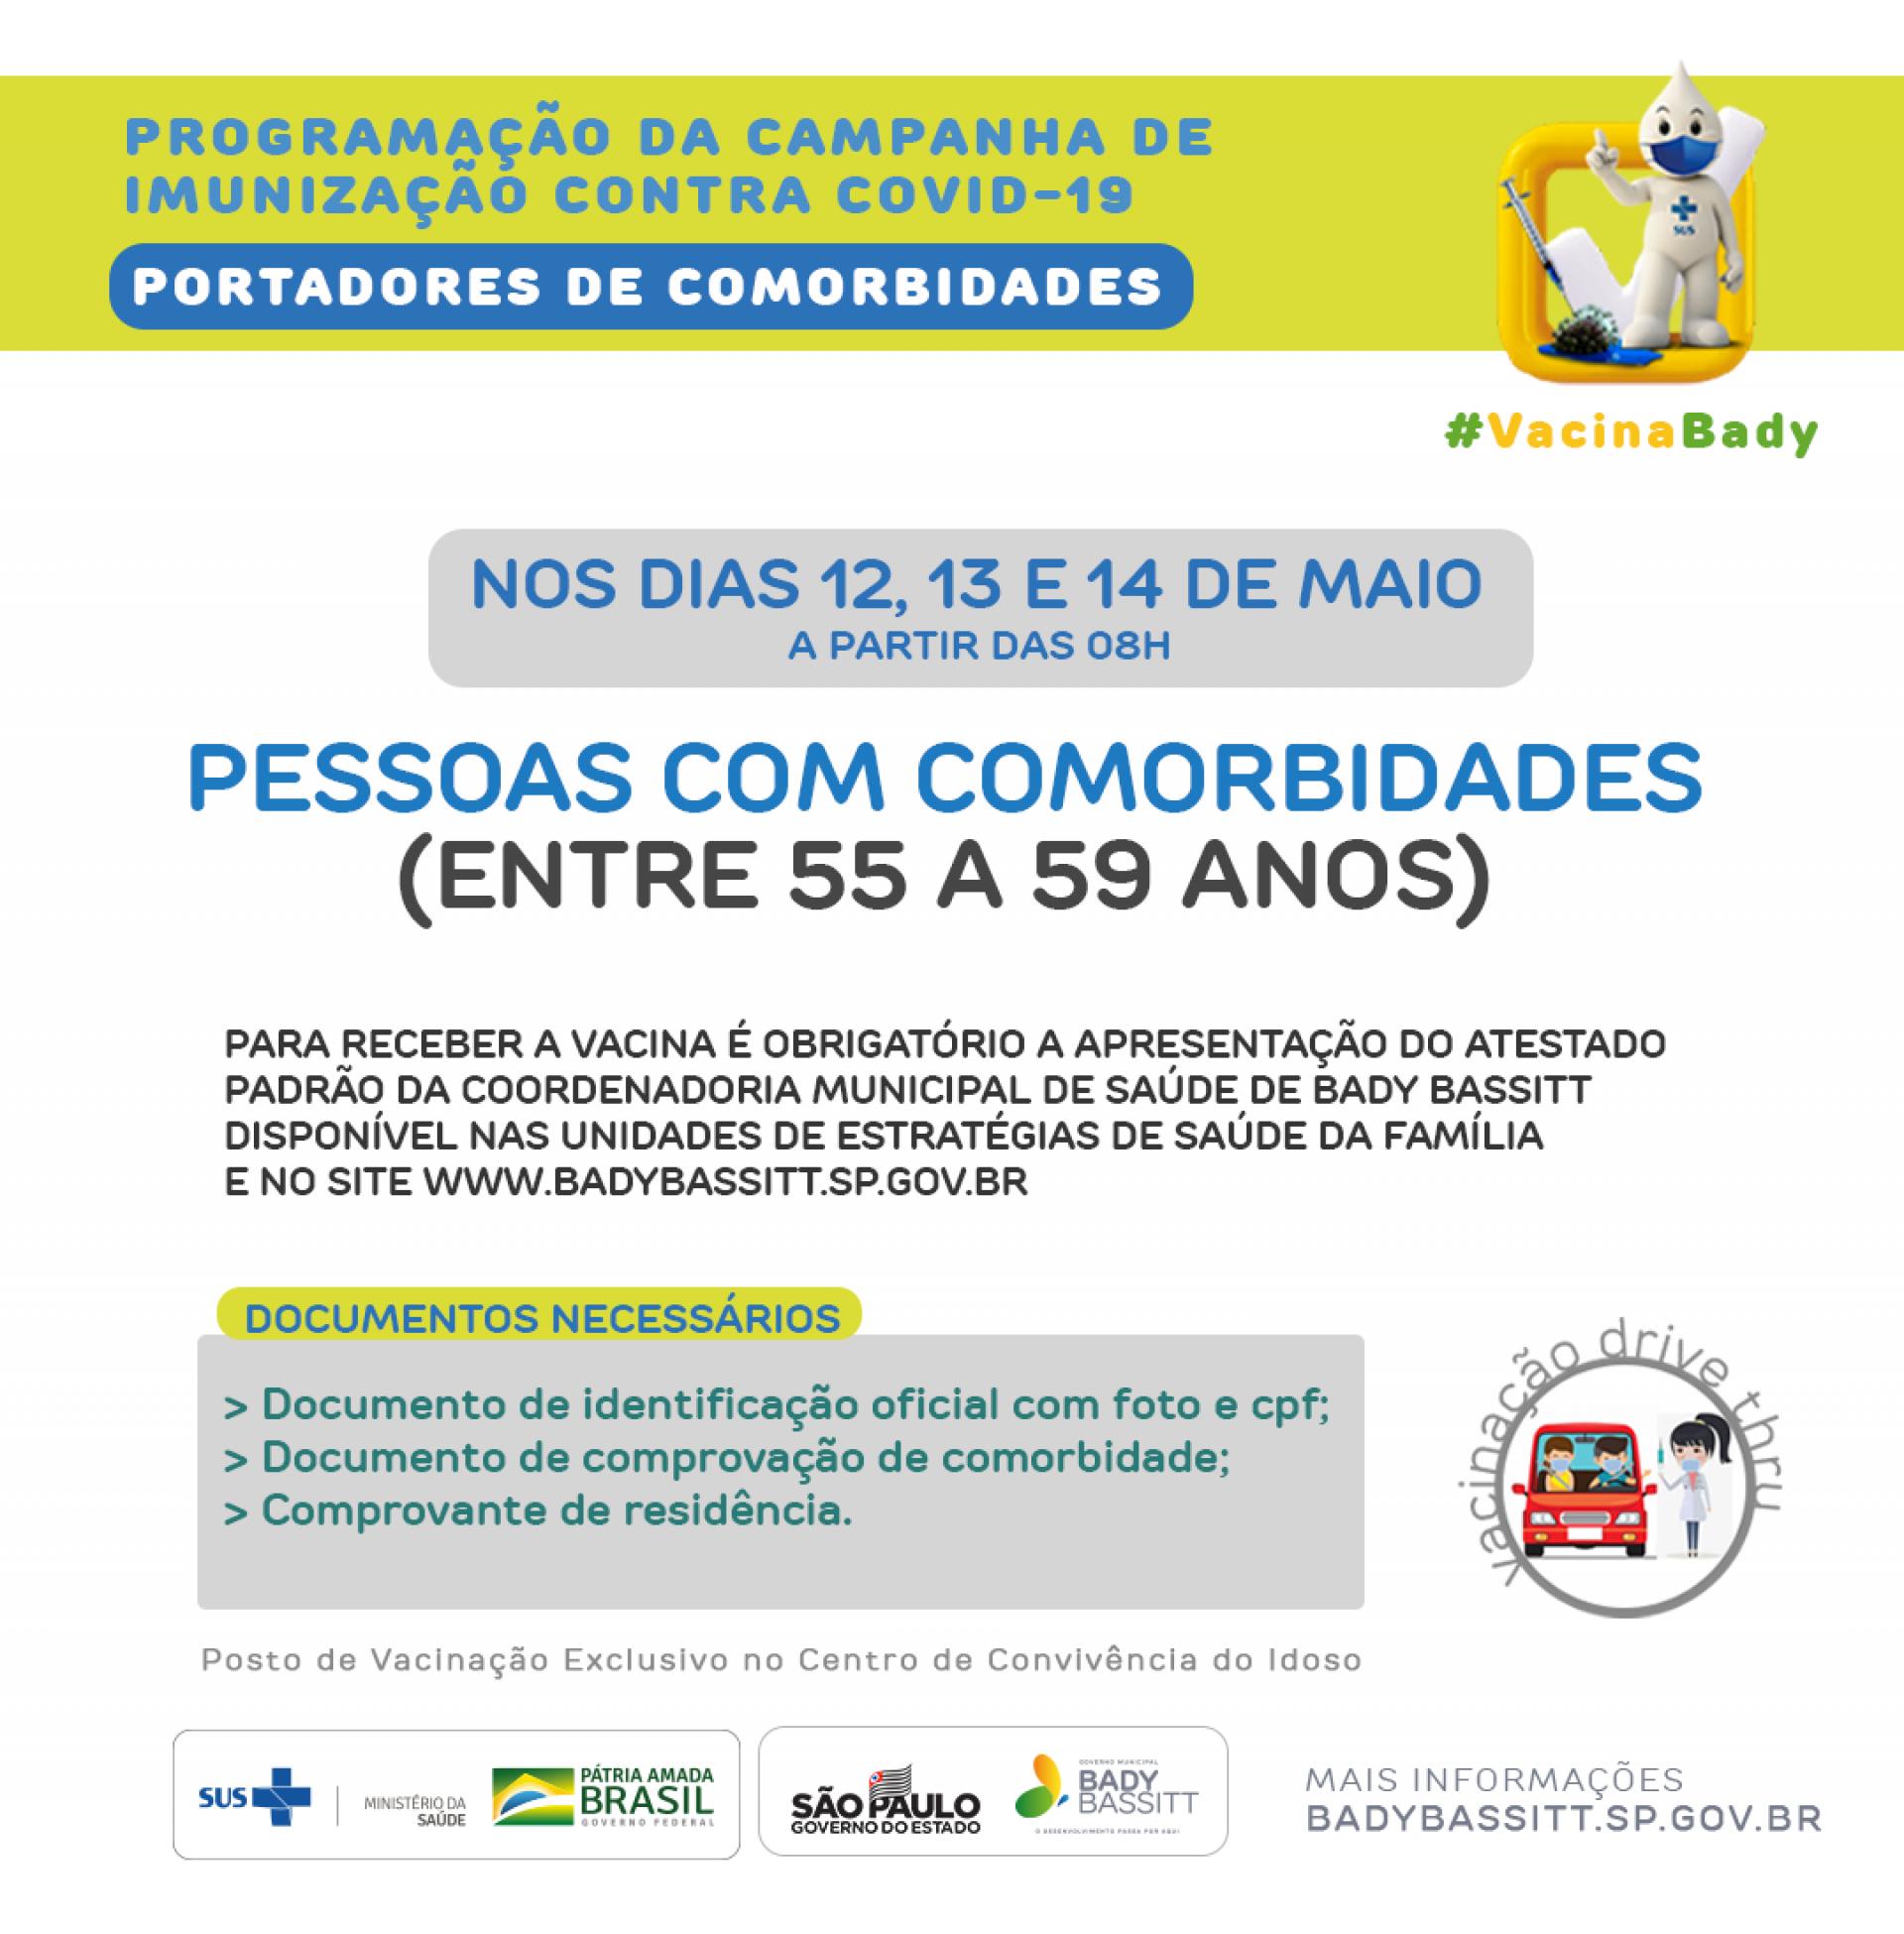 VACINAÇÃO CONTRA COVID-19 PARA PORTADORES DE COMORBIDADES